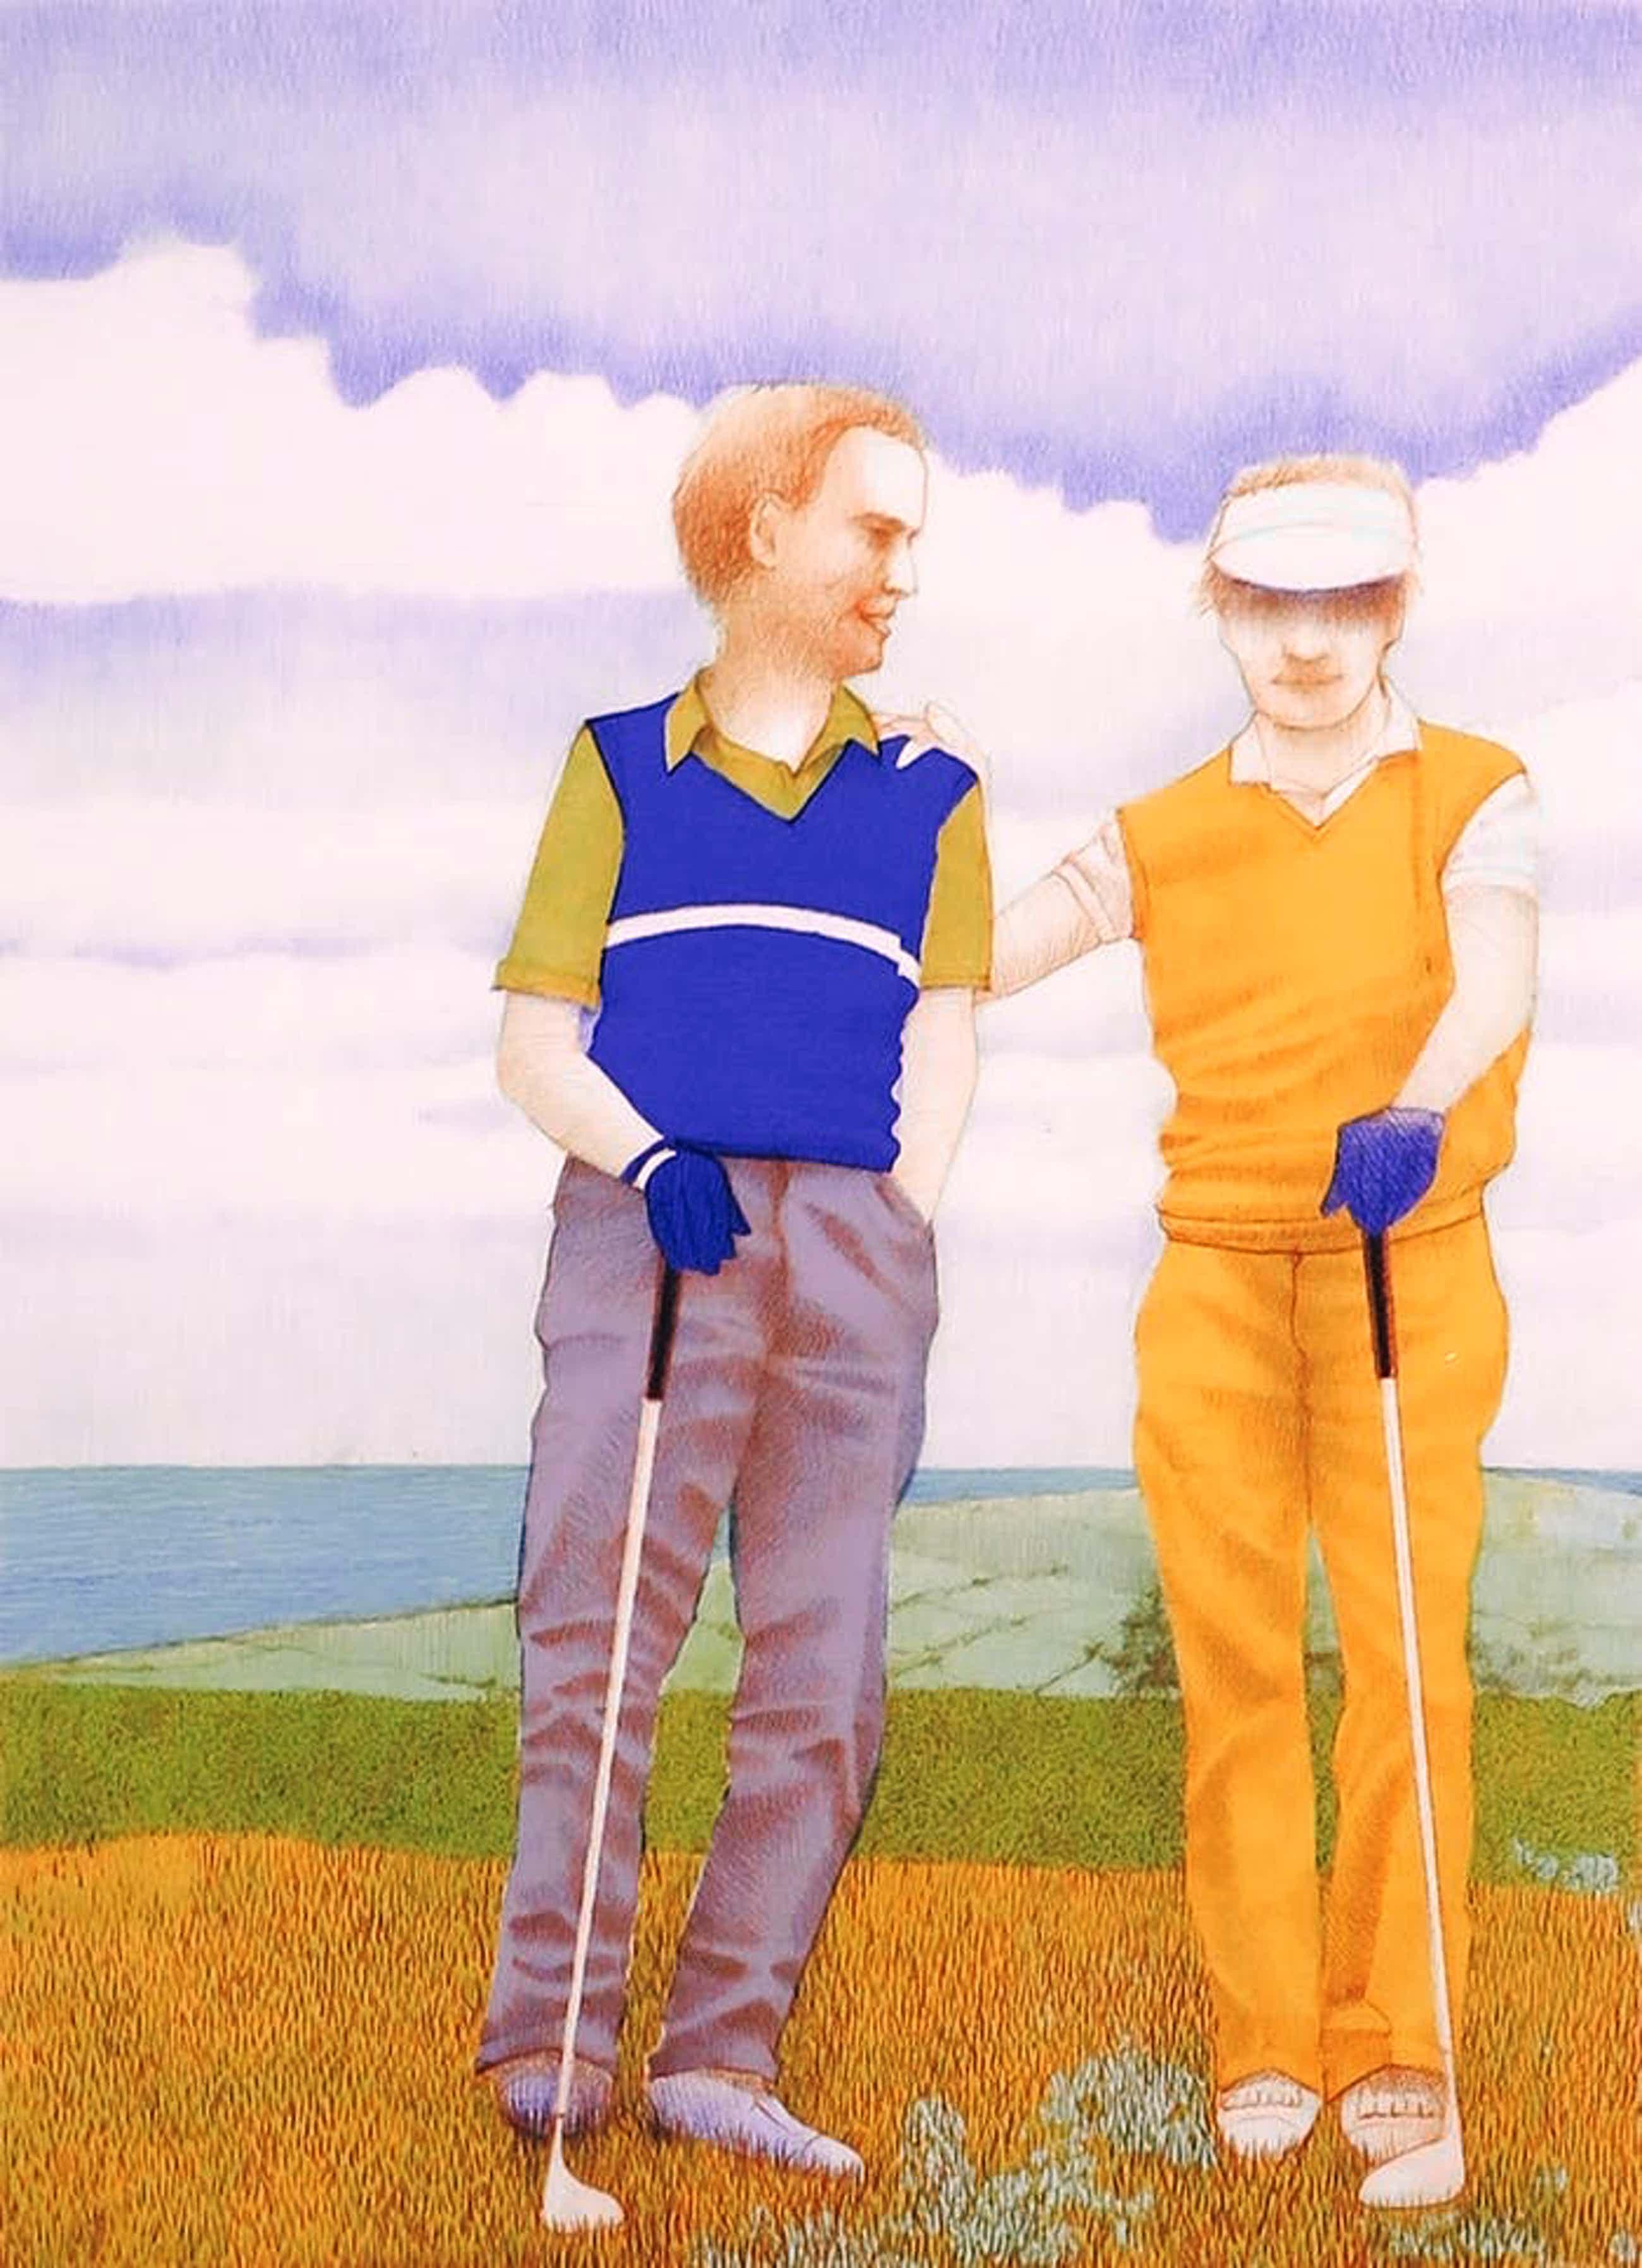 Aat Verhoog - Litho, About golf kopen? Bied vanaf 40!